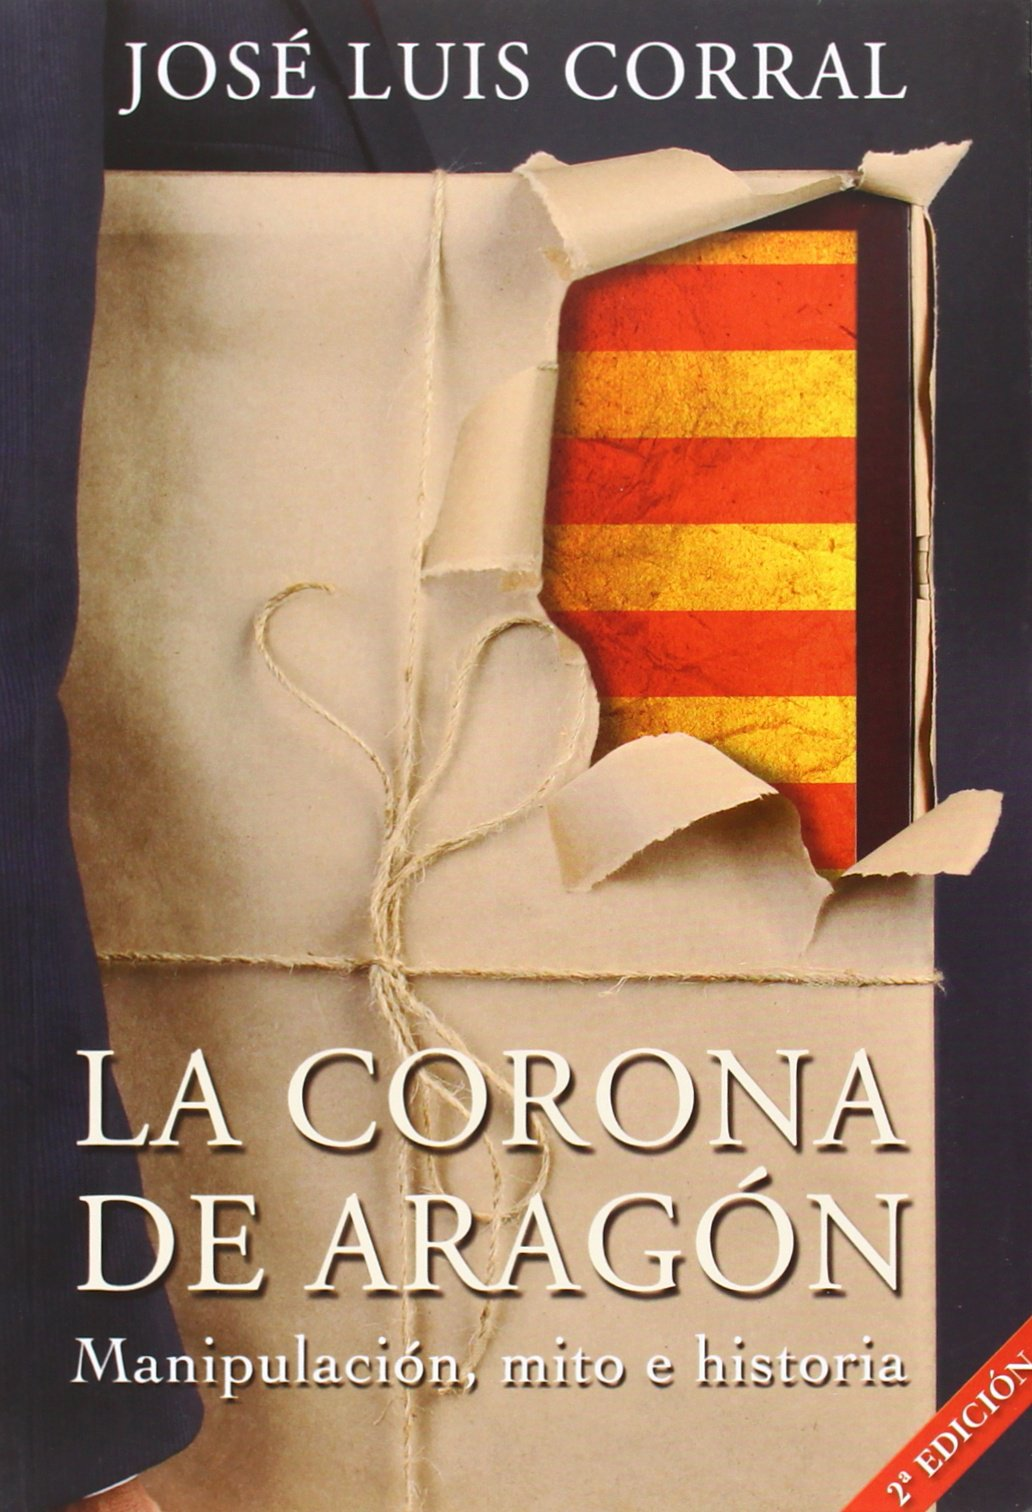 La Corona de Aragón: manipulación, mito e historia: Amazon.es: Corral Lafuente, José Luis: Libros